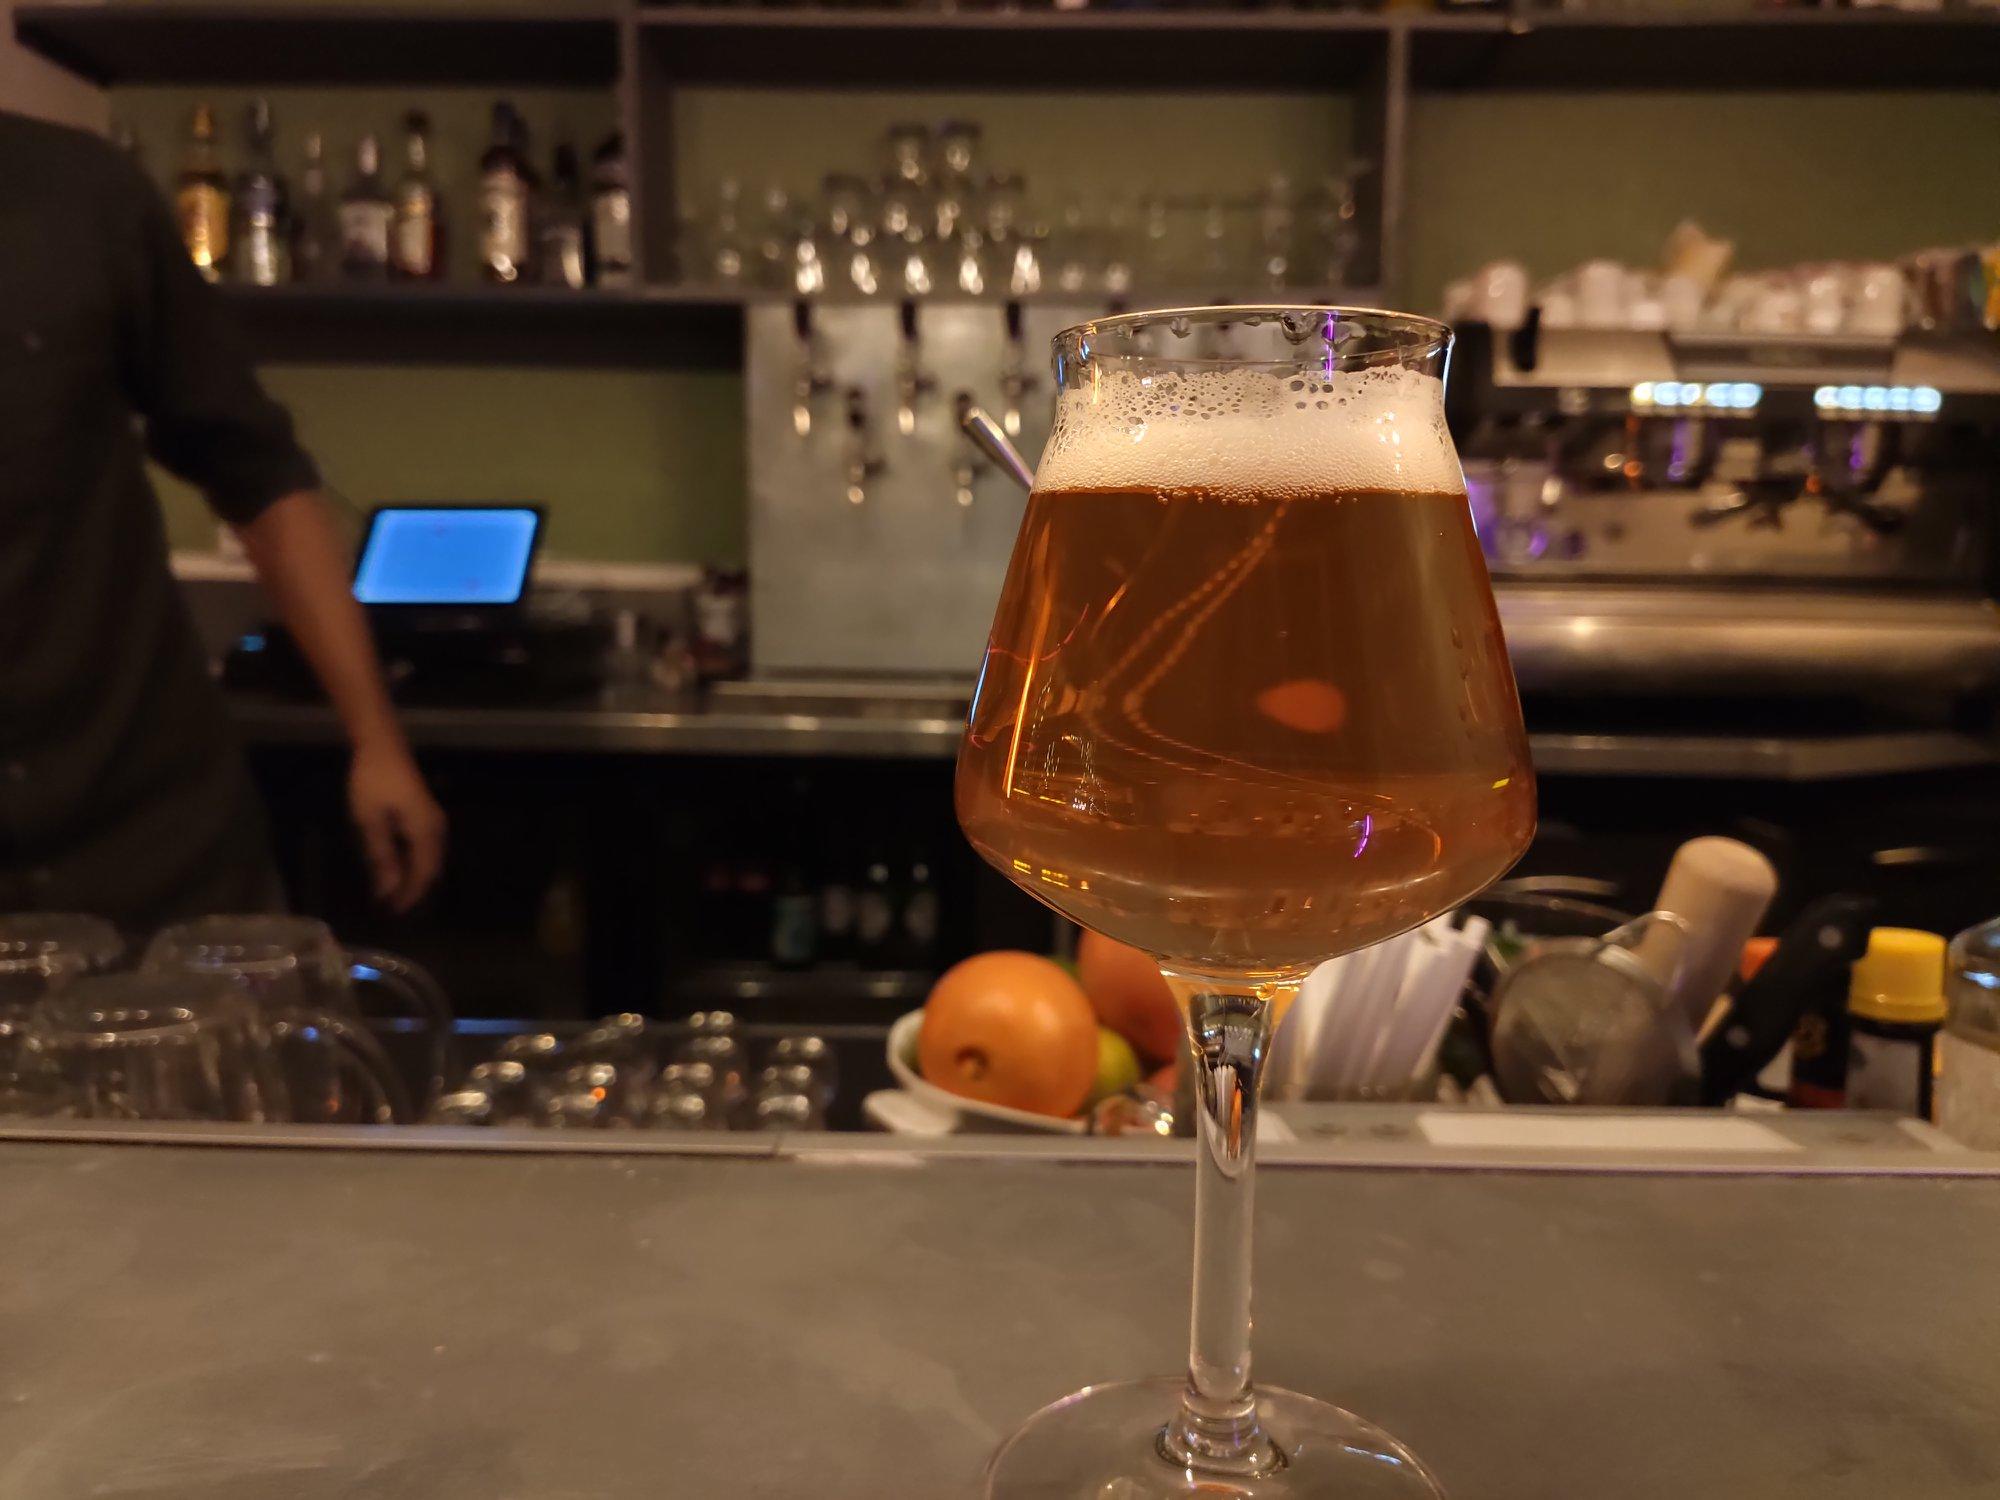 Bar à bières EnKore - Rue Letort - Paris 18ème